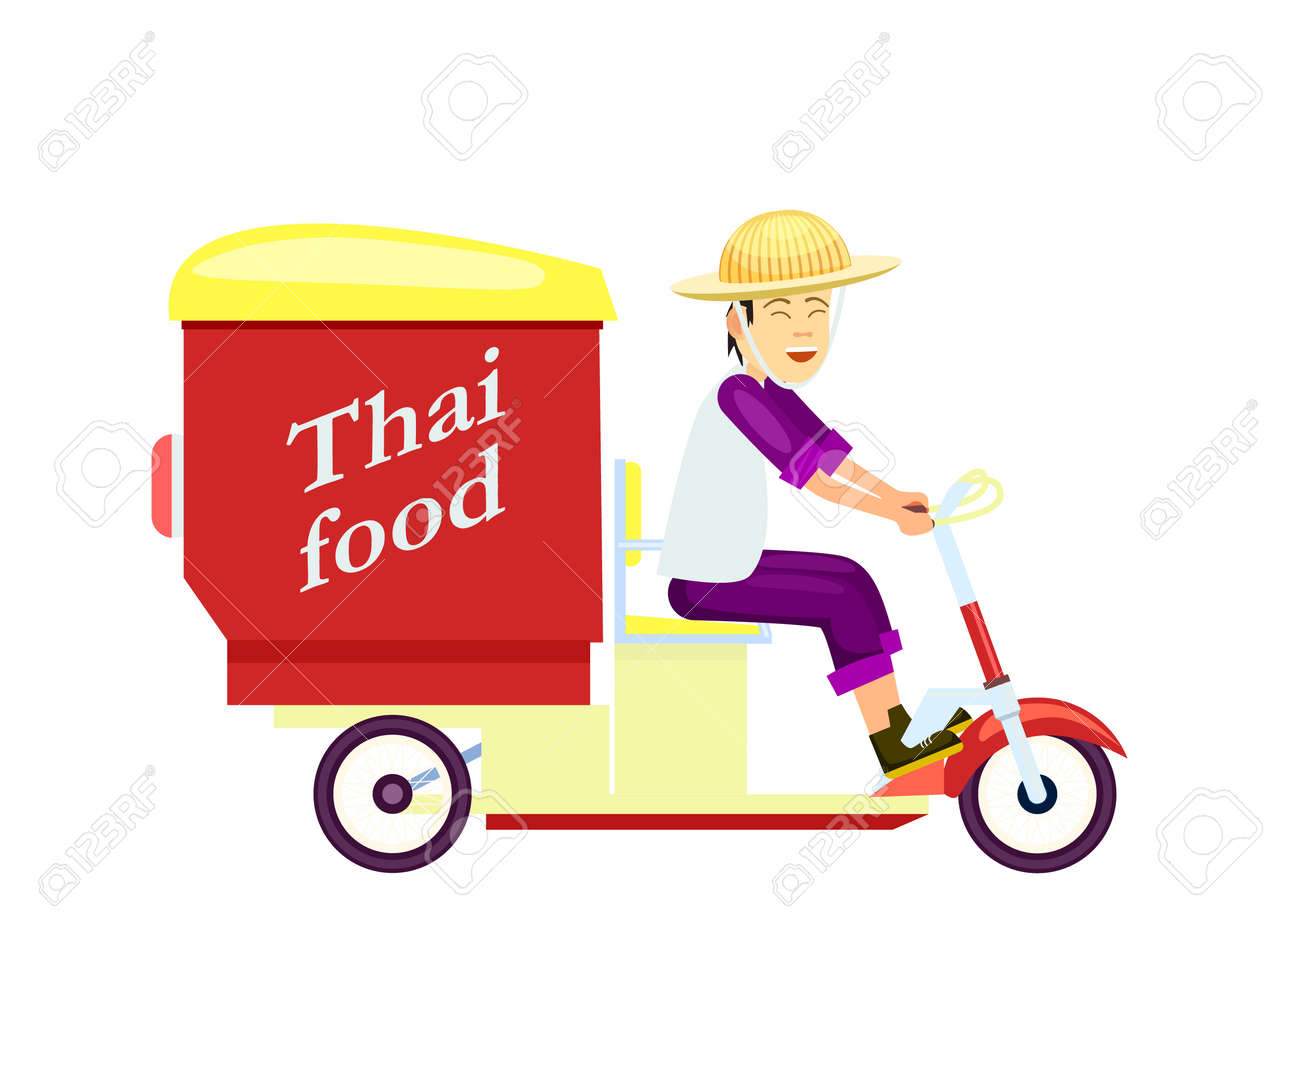 Icône de livraison de restauration rapide thaï avec homme de messagerie sur  le scooter. Commande en ligne alimentaire à domicile, expédition